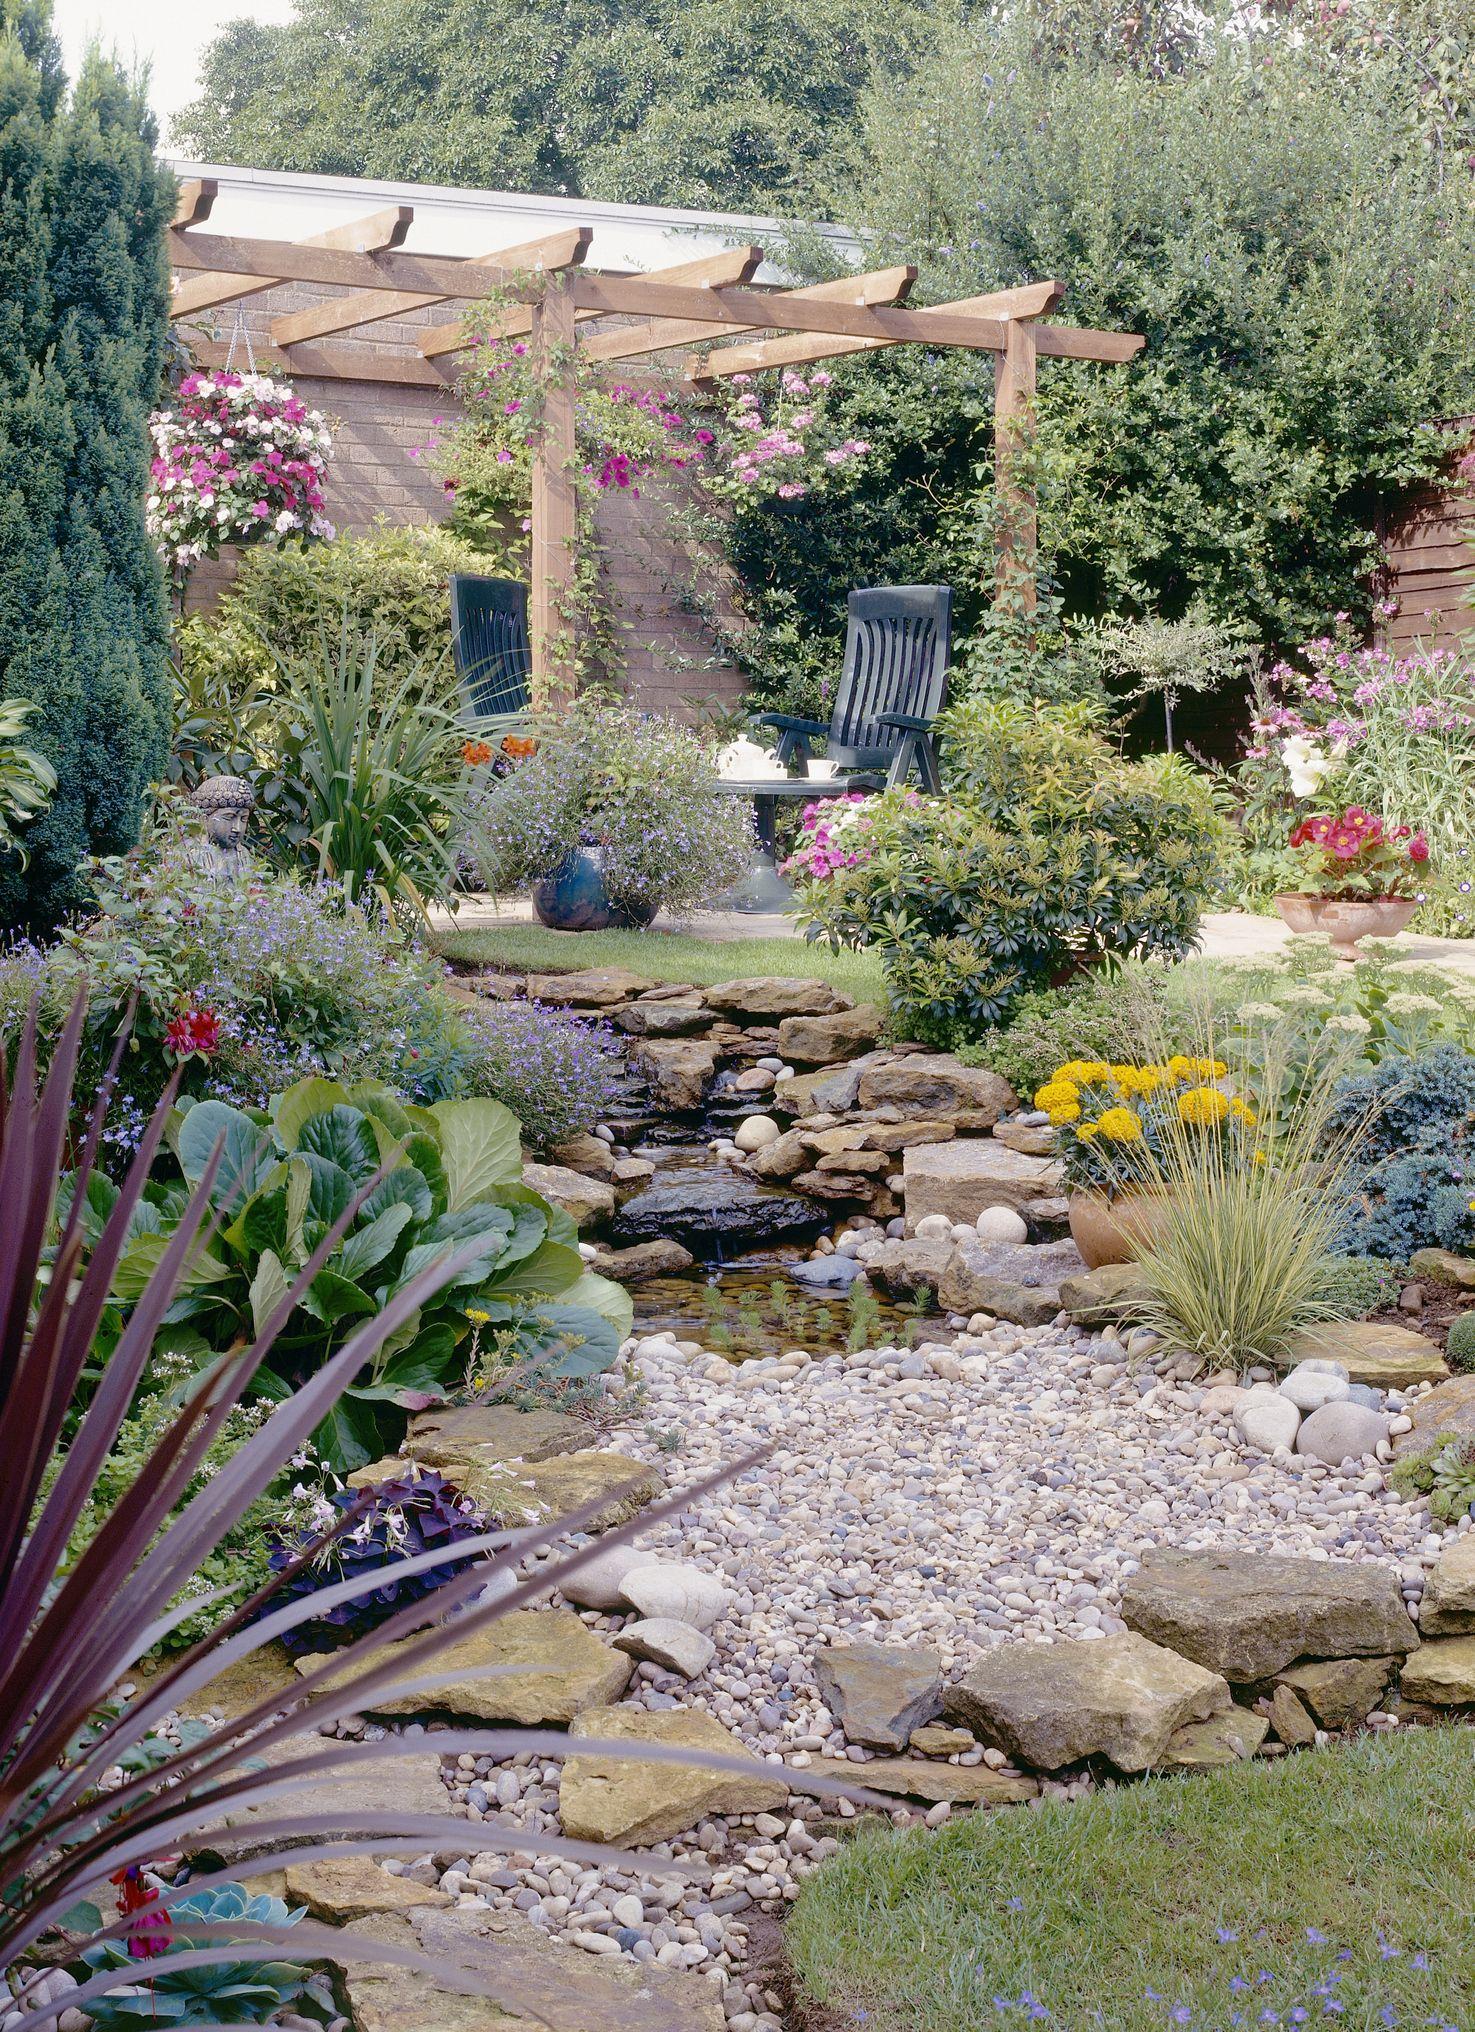 6 Best Rock Garden Ideas - Yard Landscaping with Rocks on Backyard Rock Designs id=54828